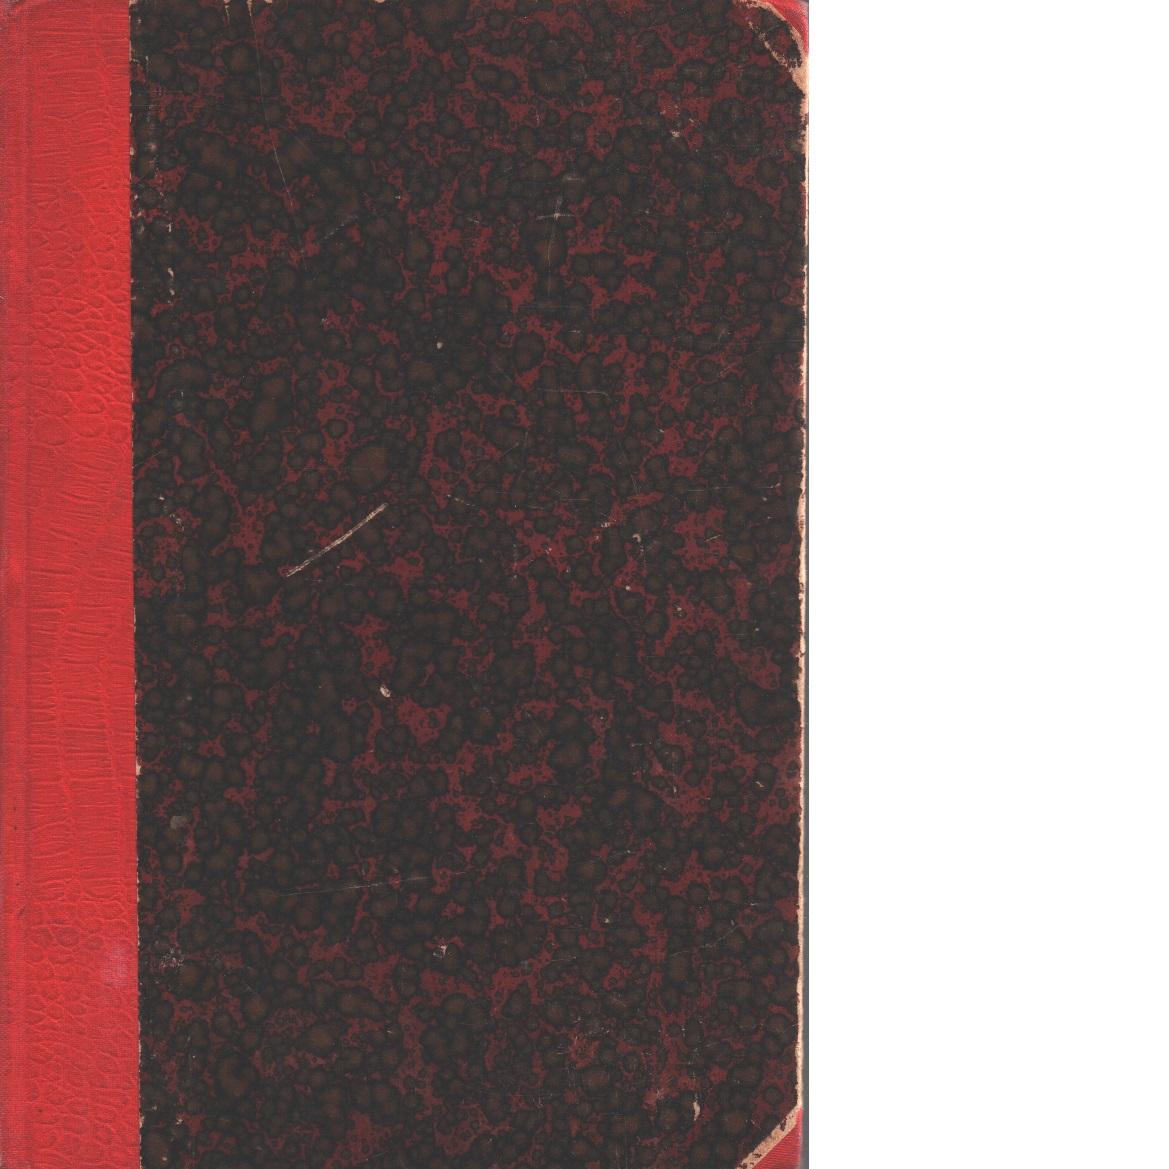 Sisel sidsärk och andra käringfrön - Aanrud, Hans